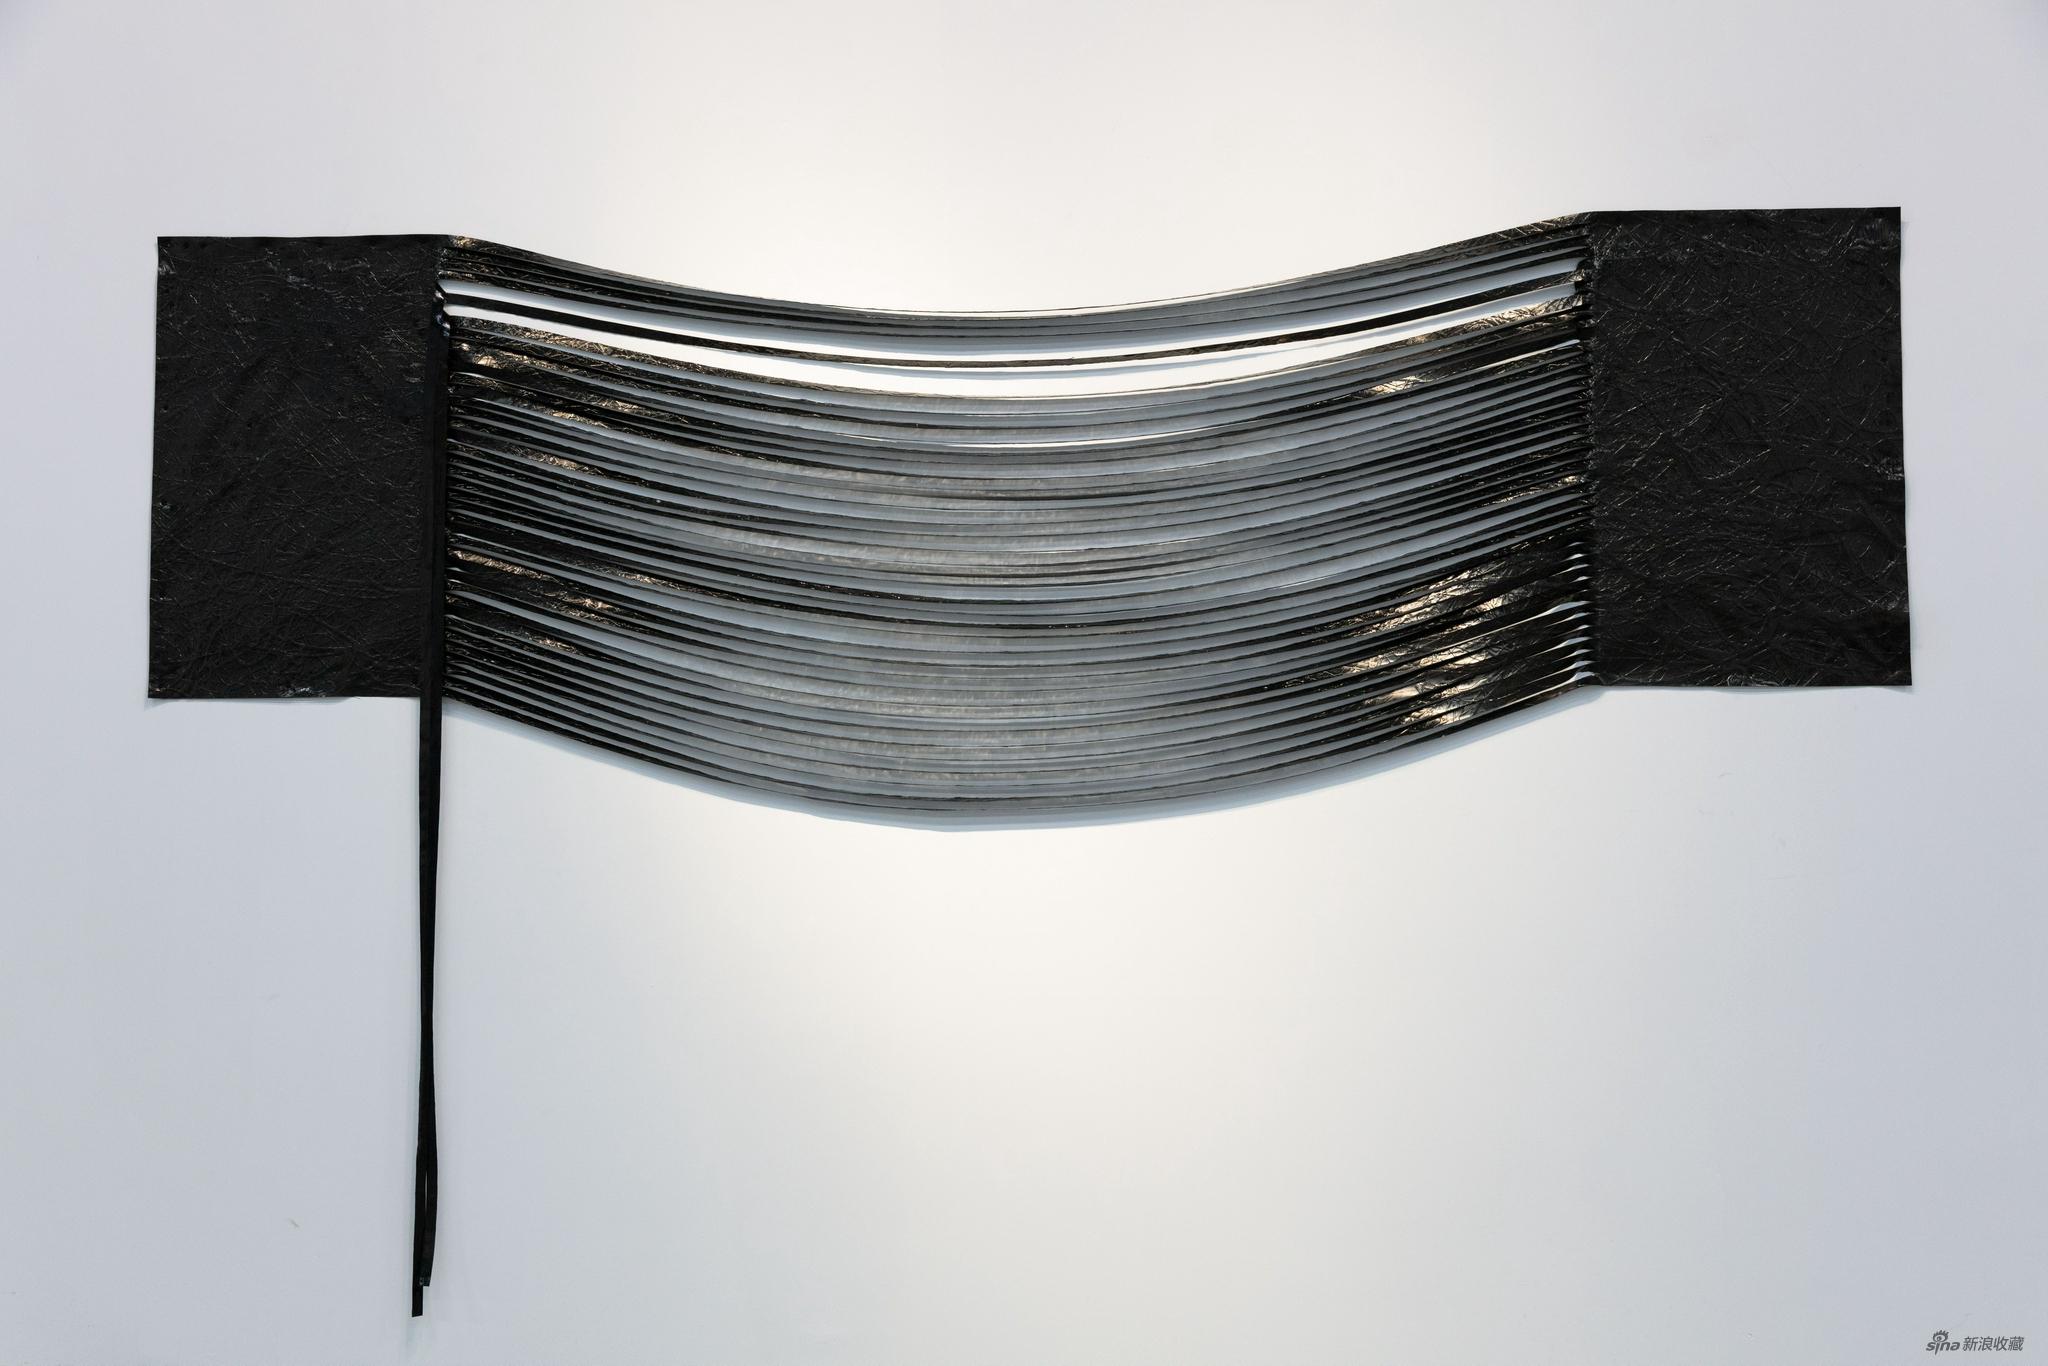 陈锦潮 《垂直的协调》 墨、综合材料、铁钉 300×80cm 2015